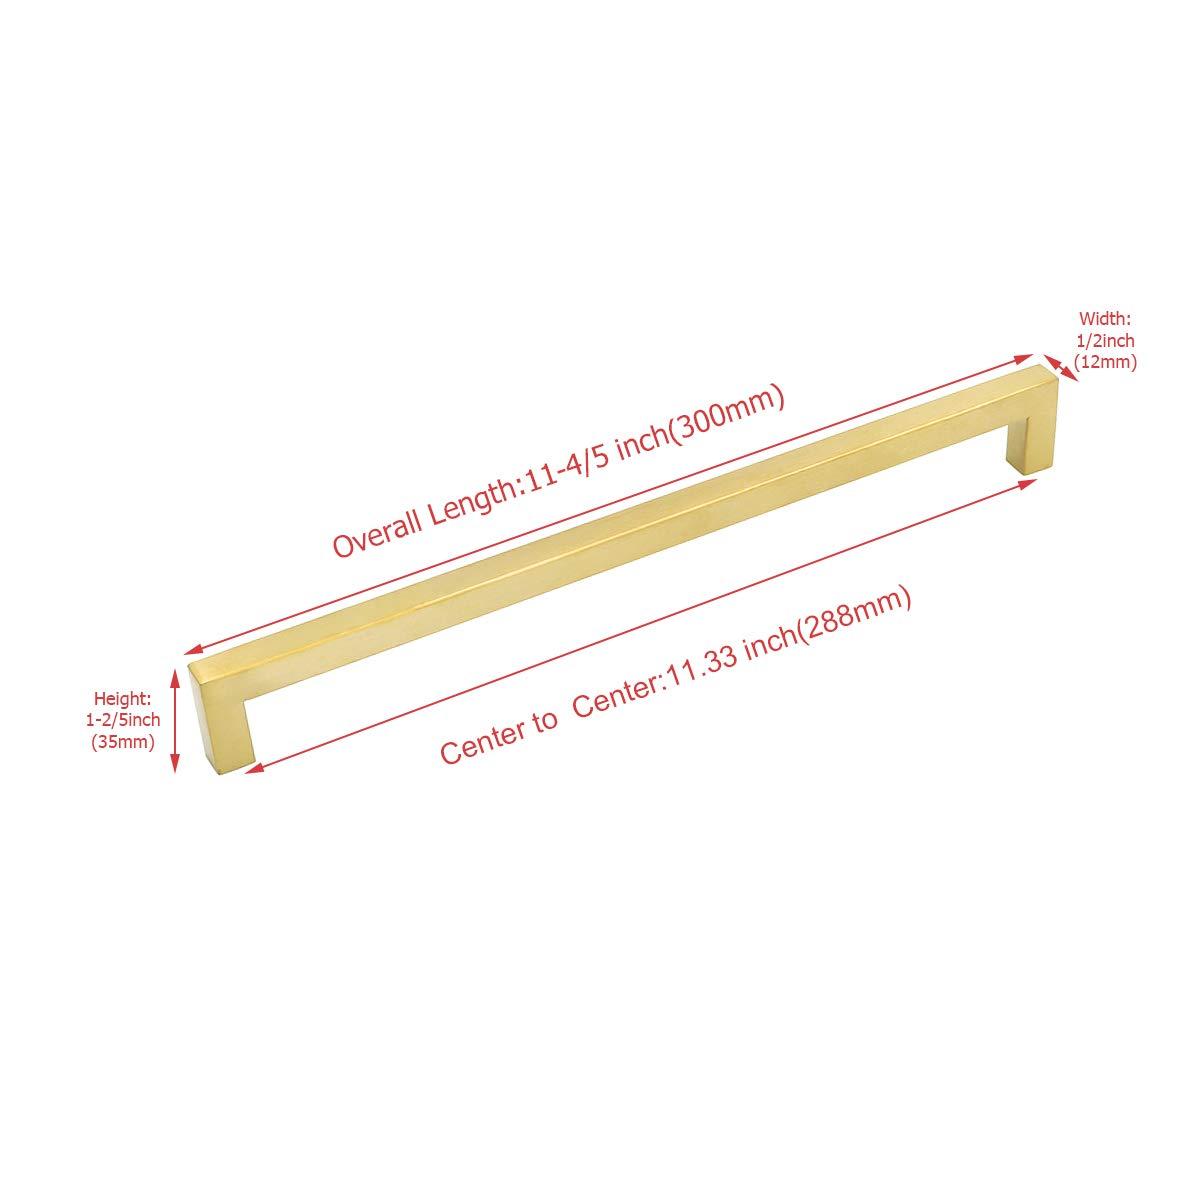 5 St/ück Goldenwarm Goldene Griff Feststehend Dusche M/öbelgriffe Lochabstand 160mm LSJ12GD160 Antike Schrankgriffe Stangengriff K/üchengriff